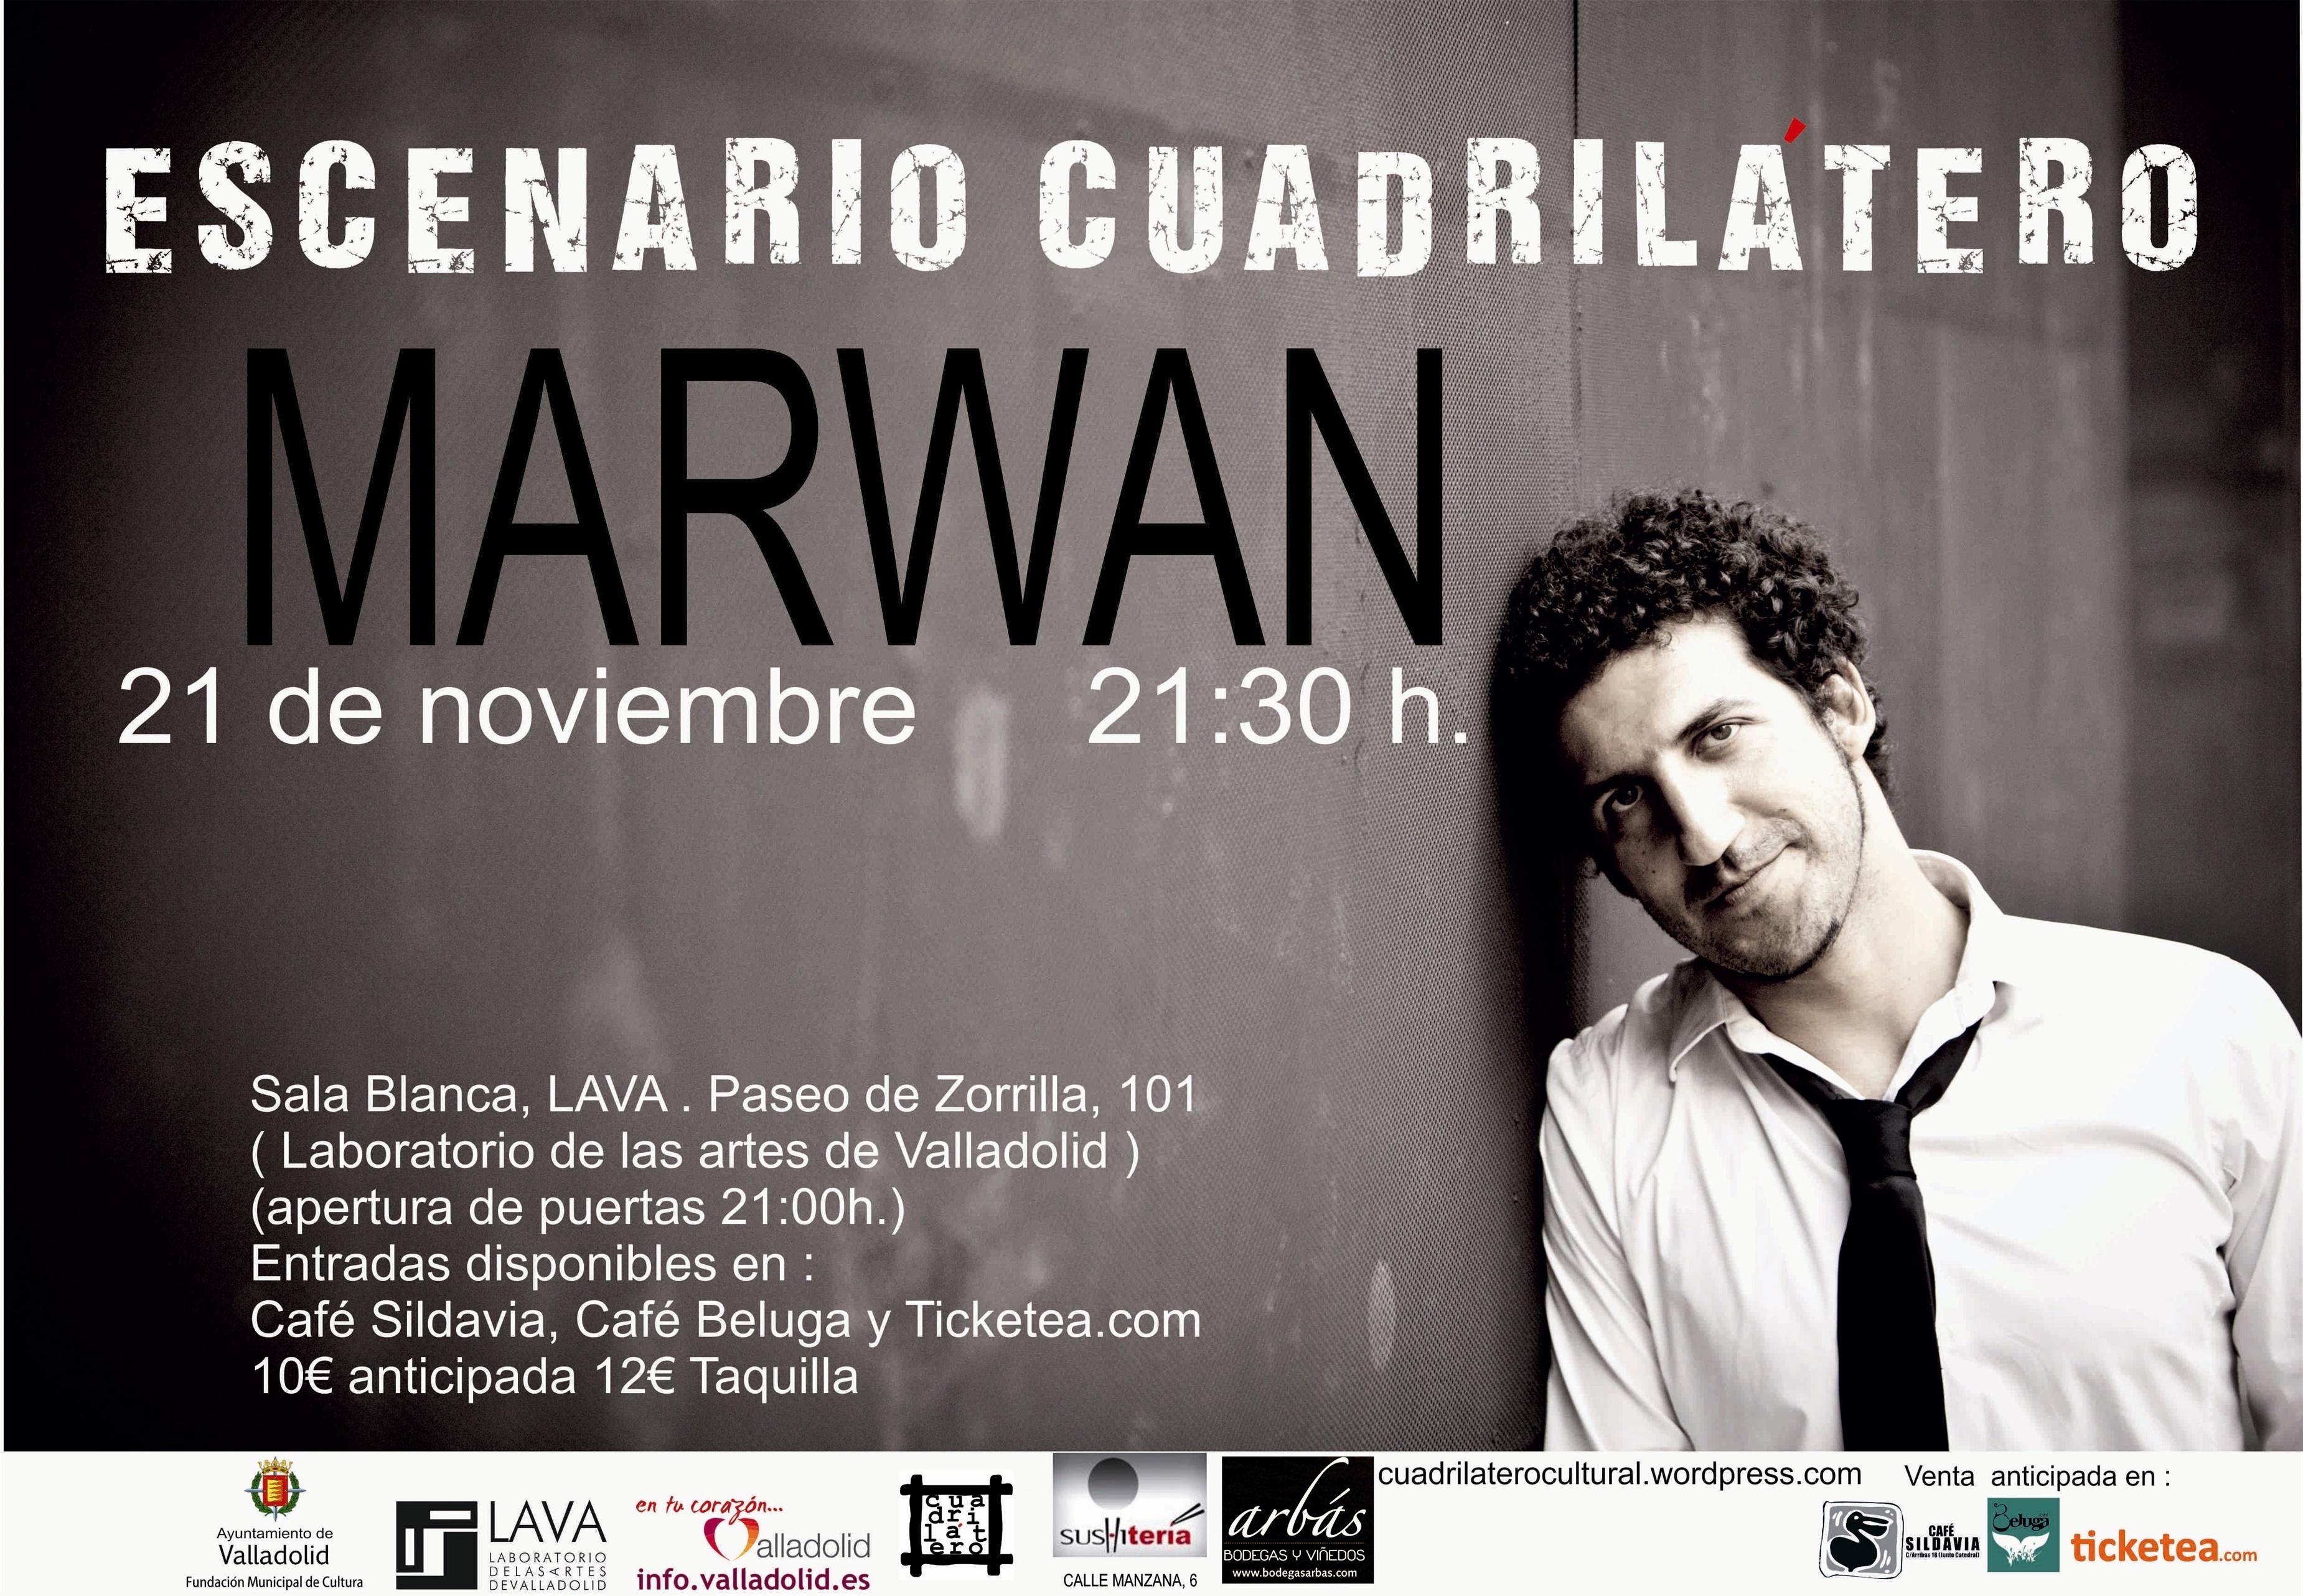 El cantautor Marwan presentará »Las cosas que no pude responder» este jueves en el LAVA de Valladolid